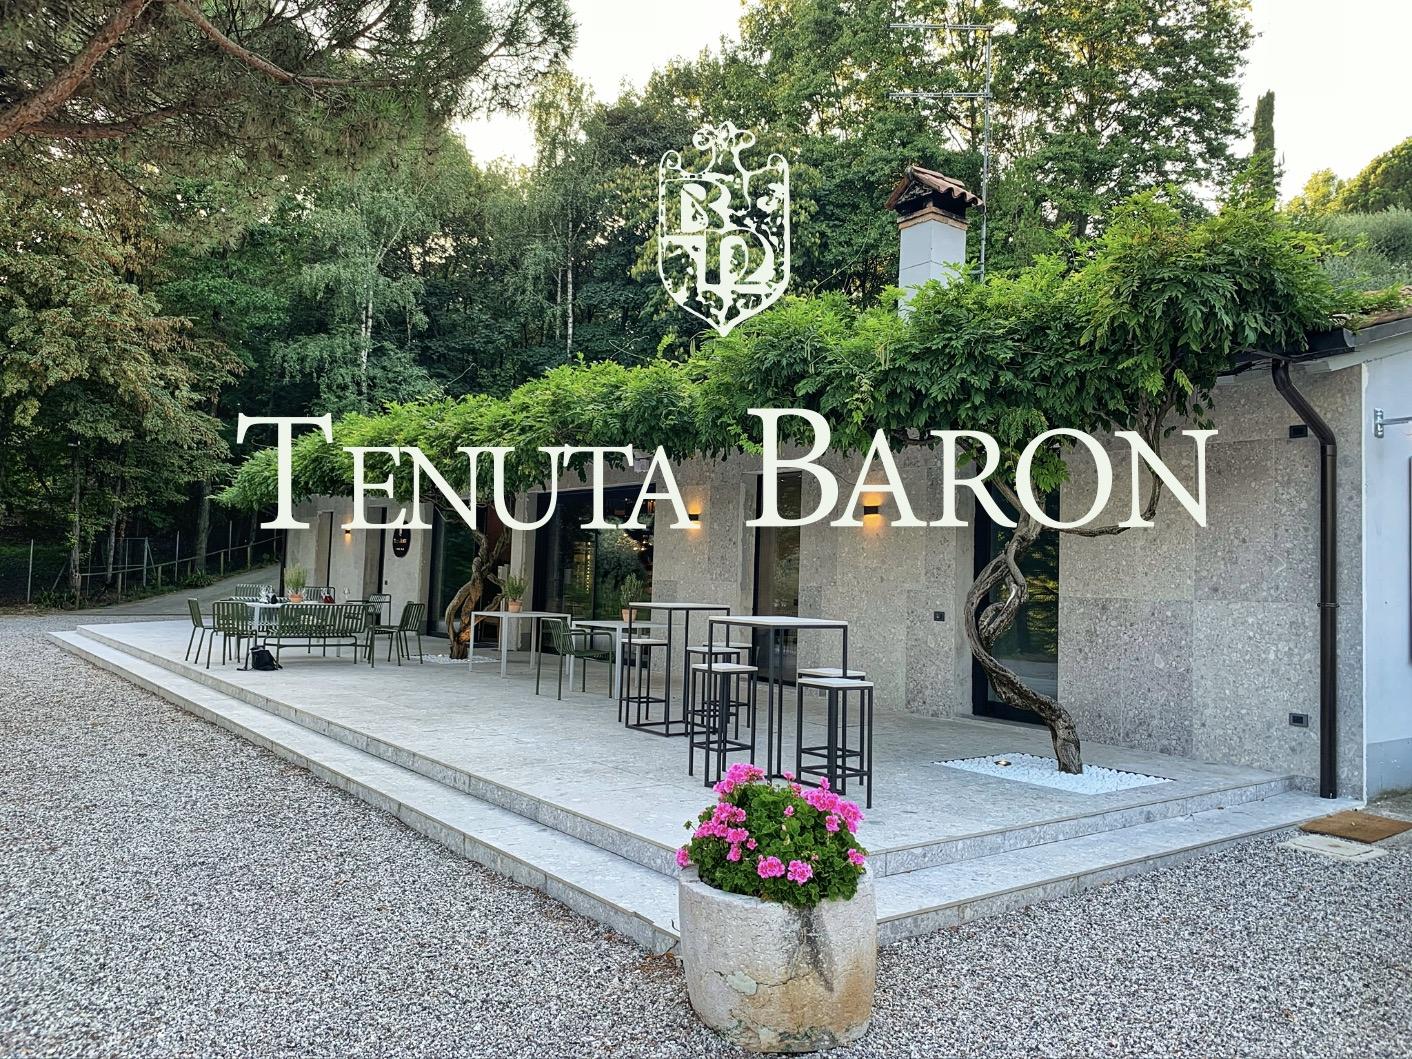 Tenuta Baron